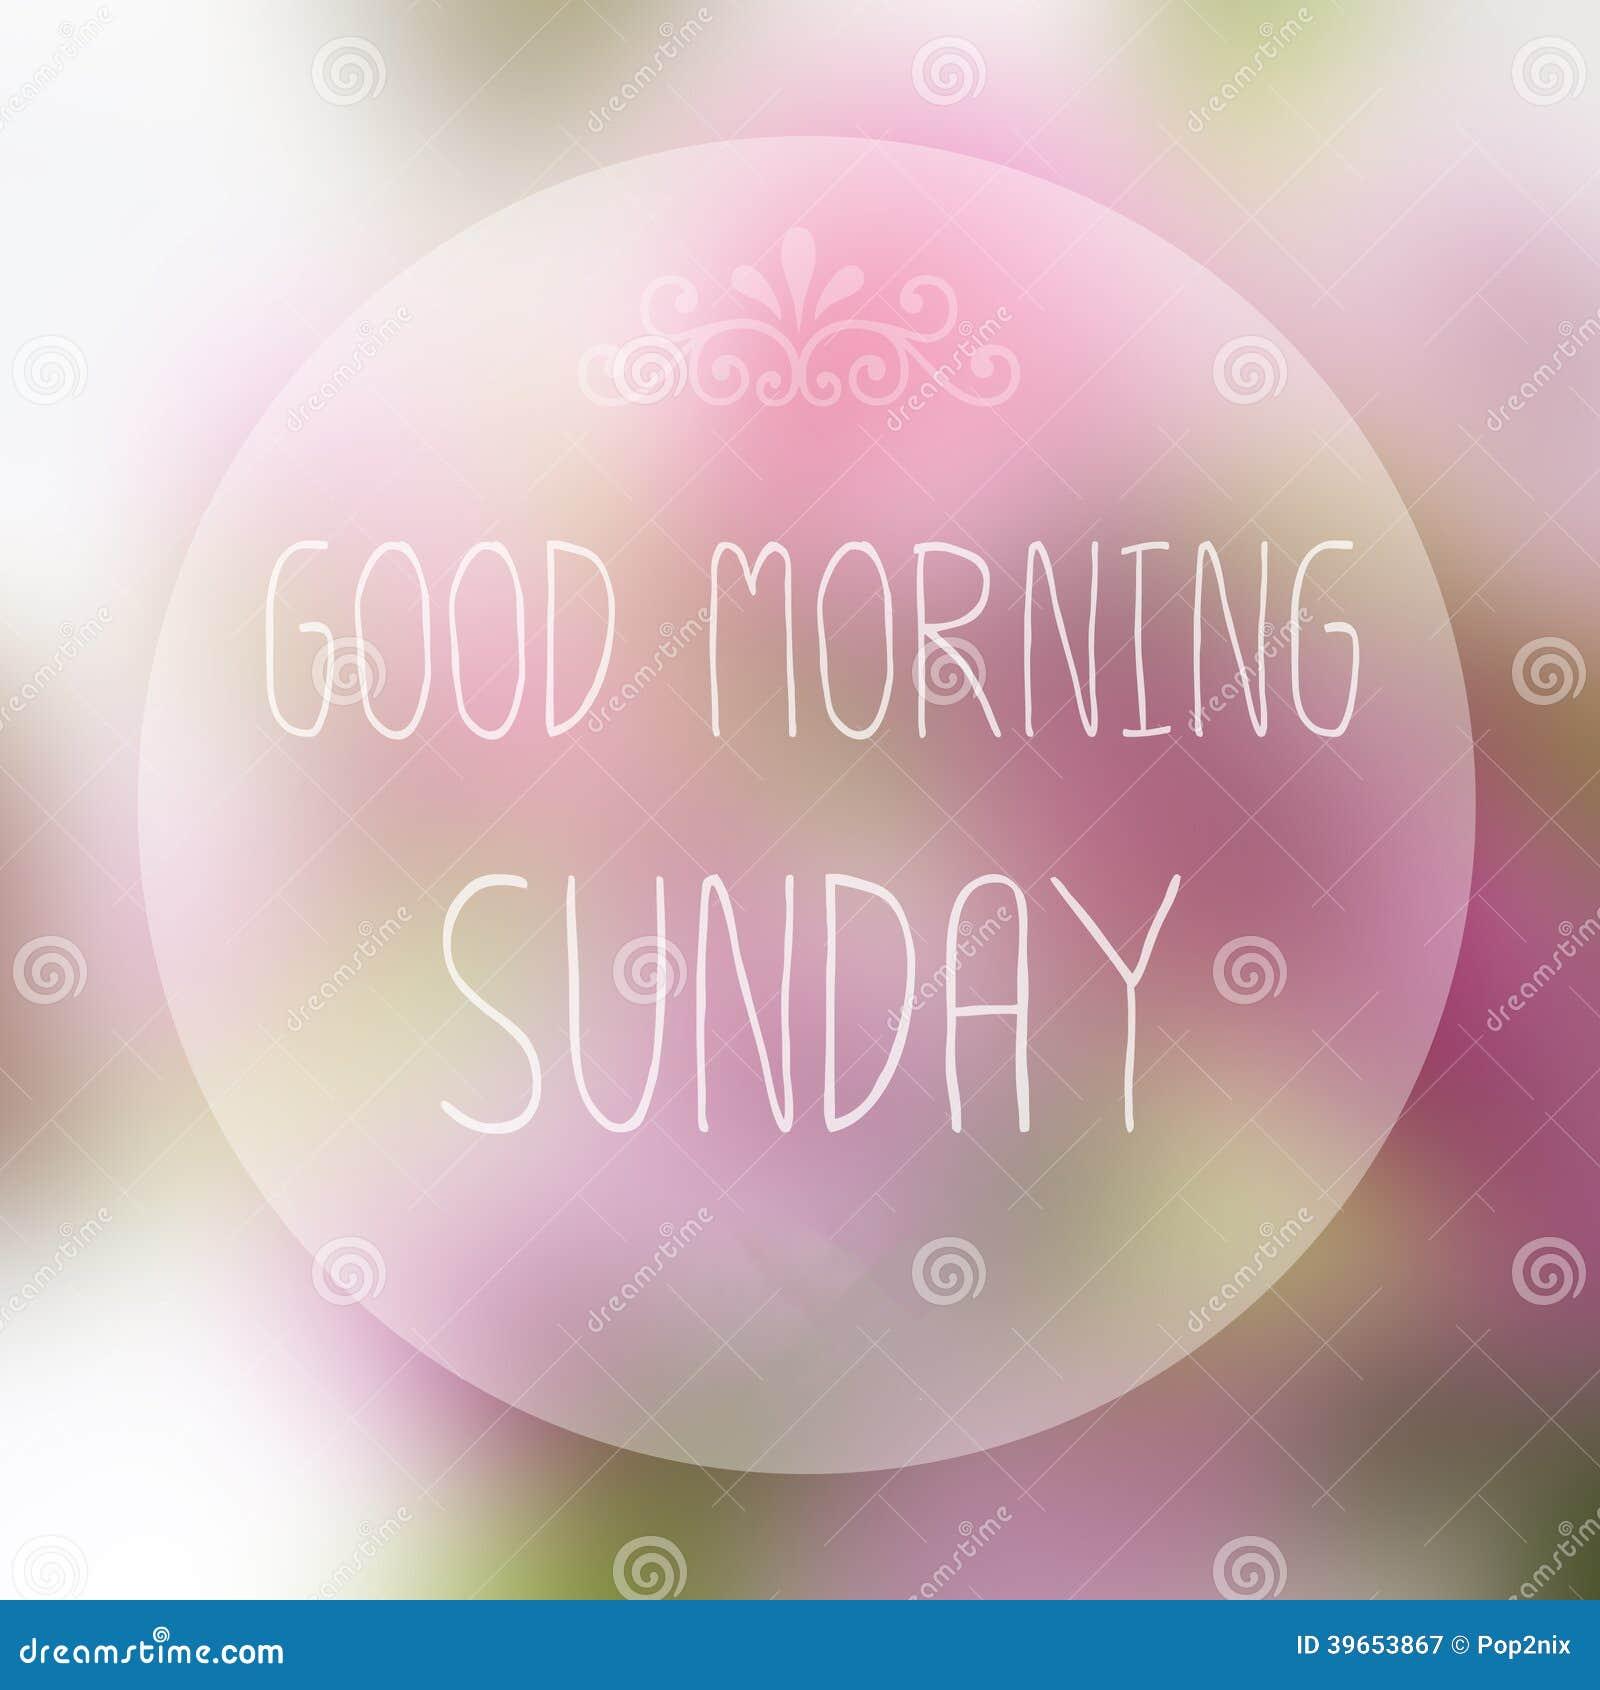 Good Morning Sunday Stock Photo - Image: 39653867